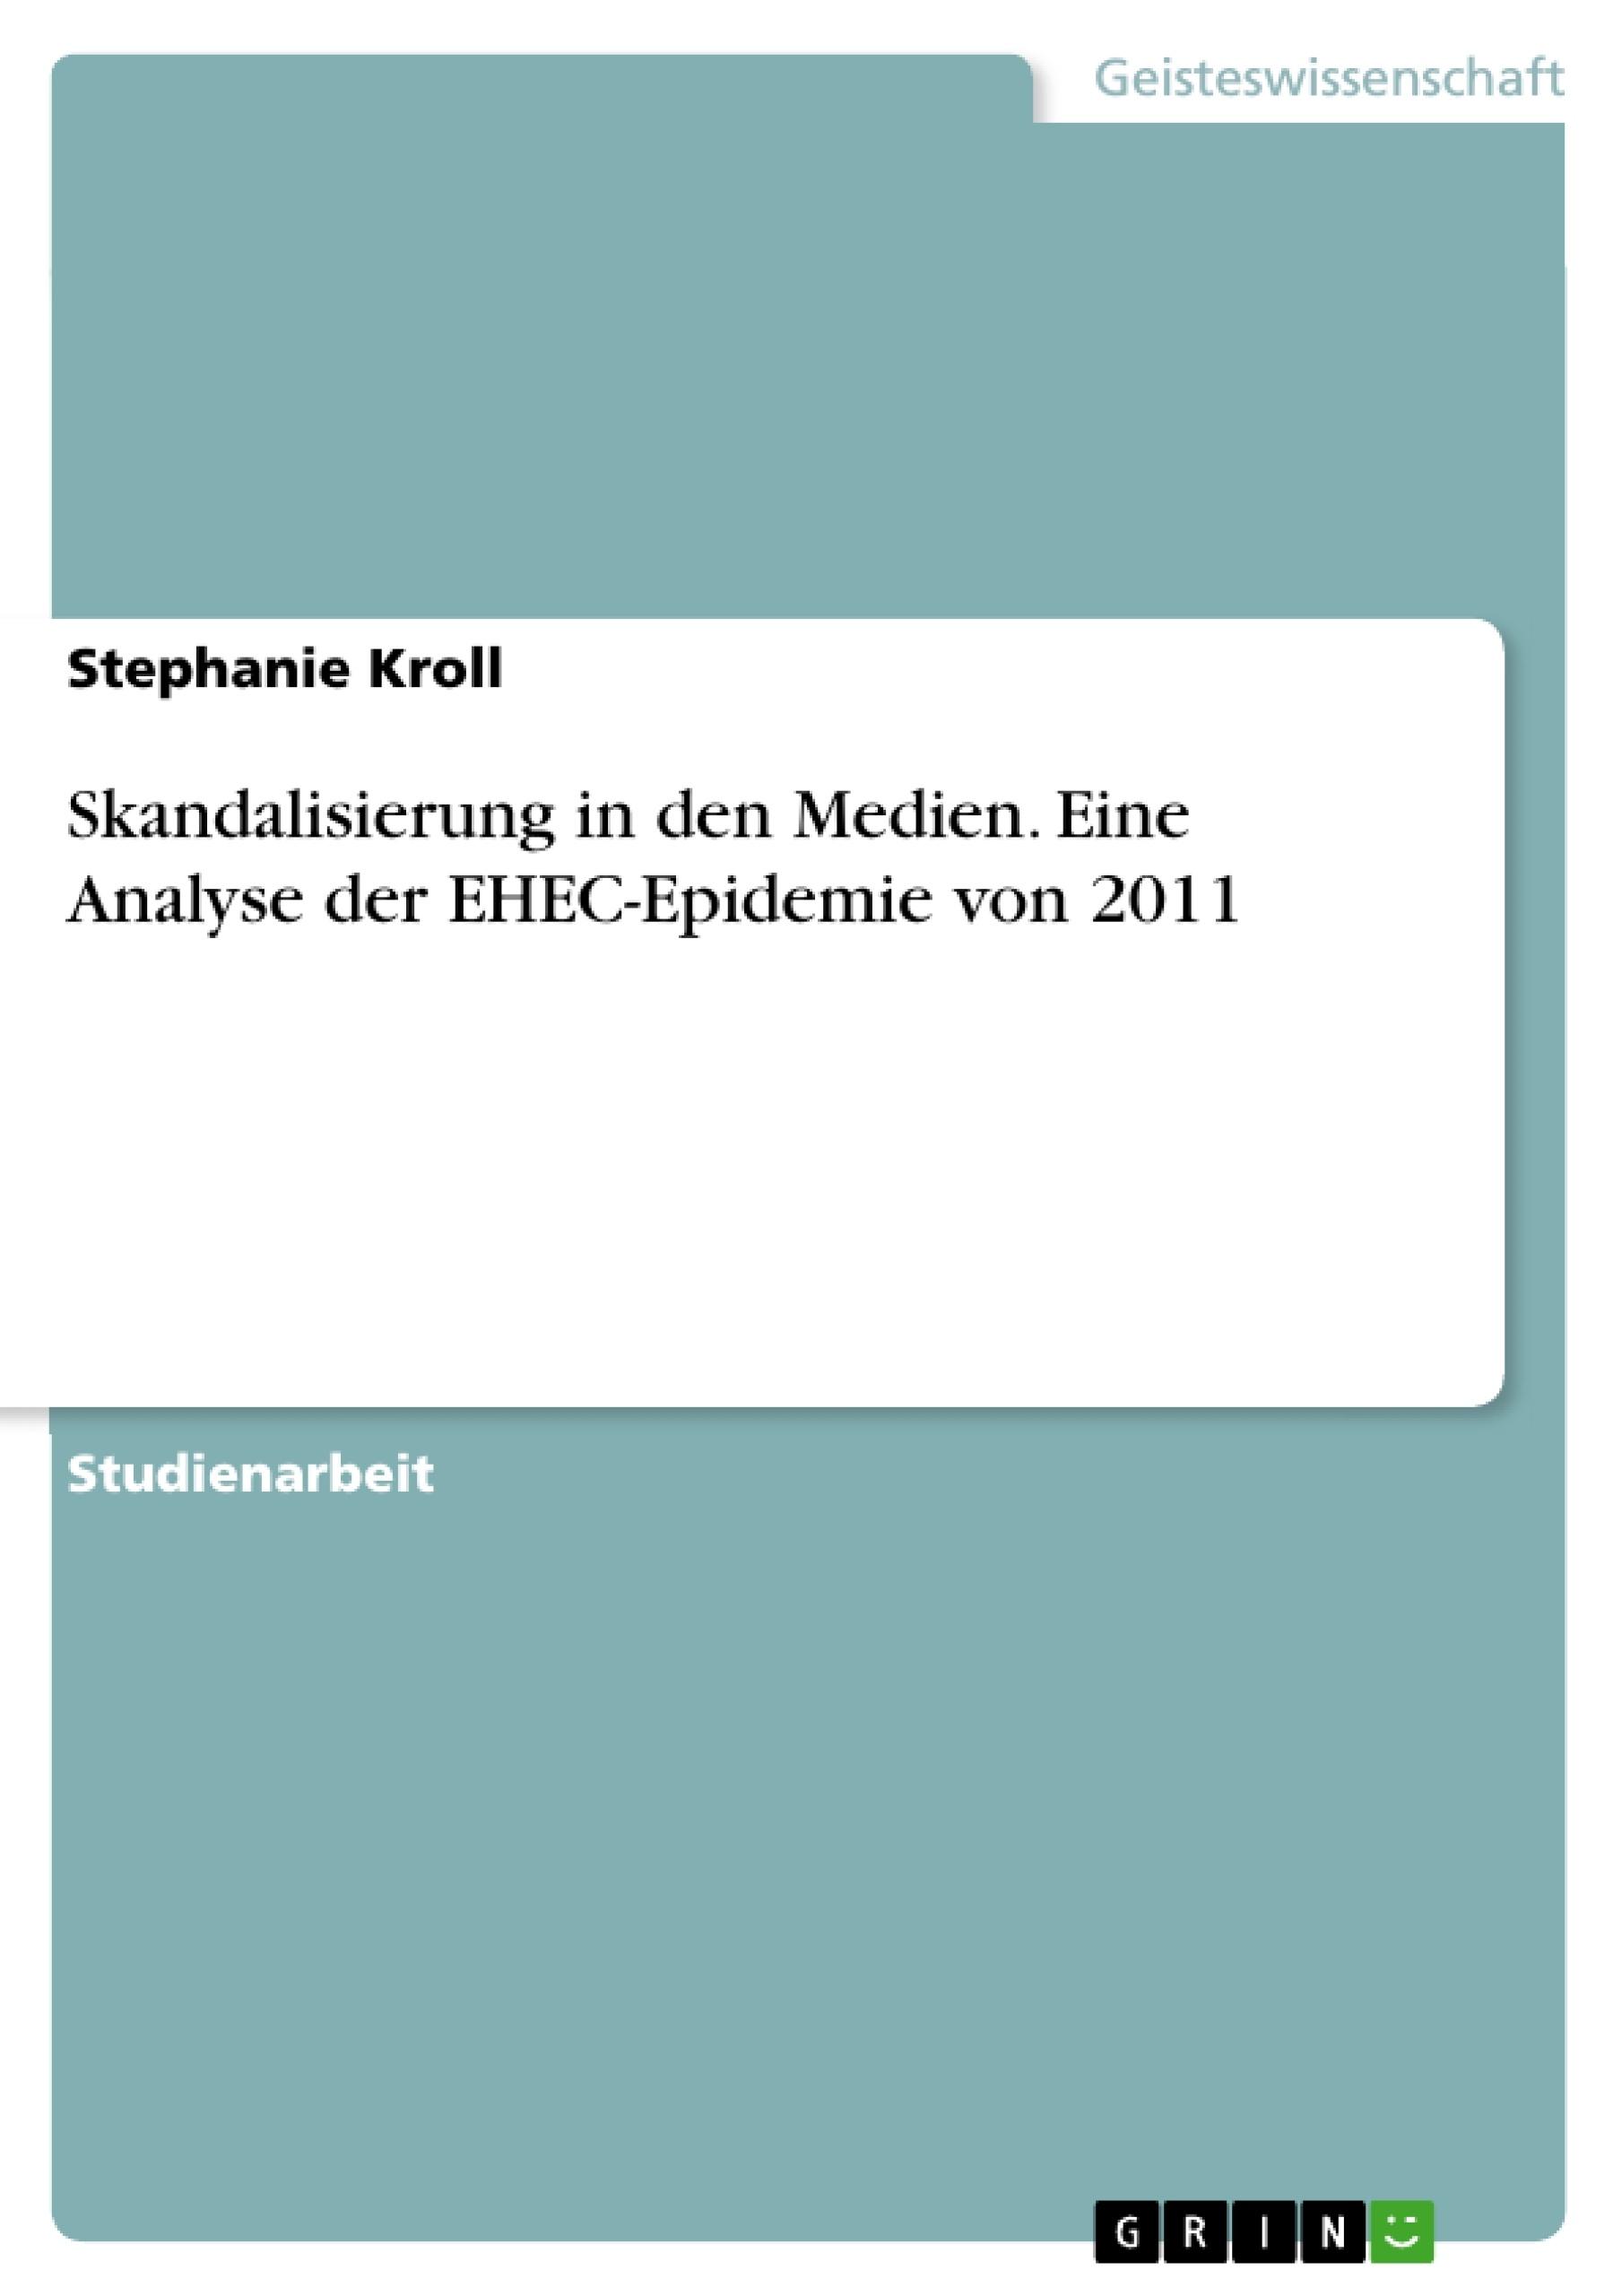 Titel: Skandalisierung in den Medien. Eine Analyse der EHEC-Epidemie von 2011